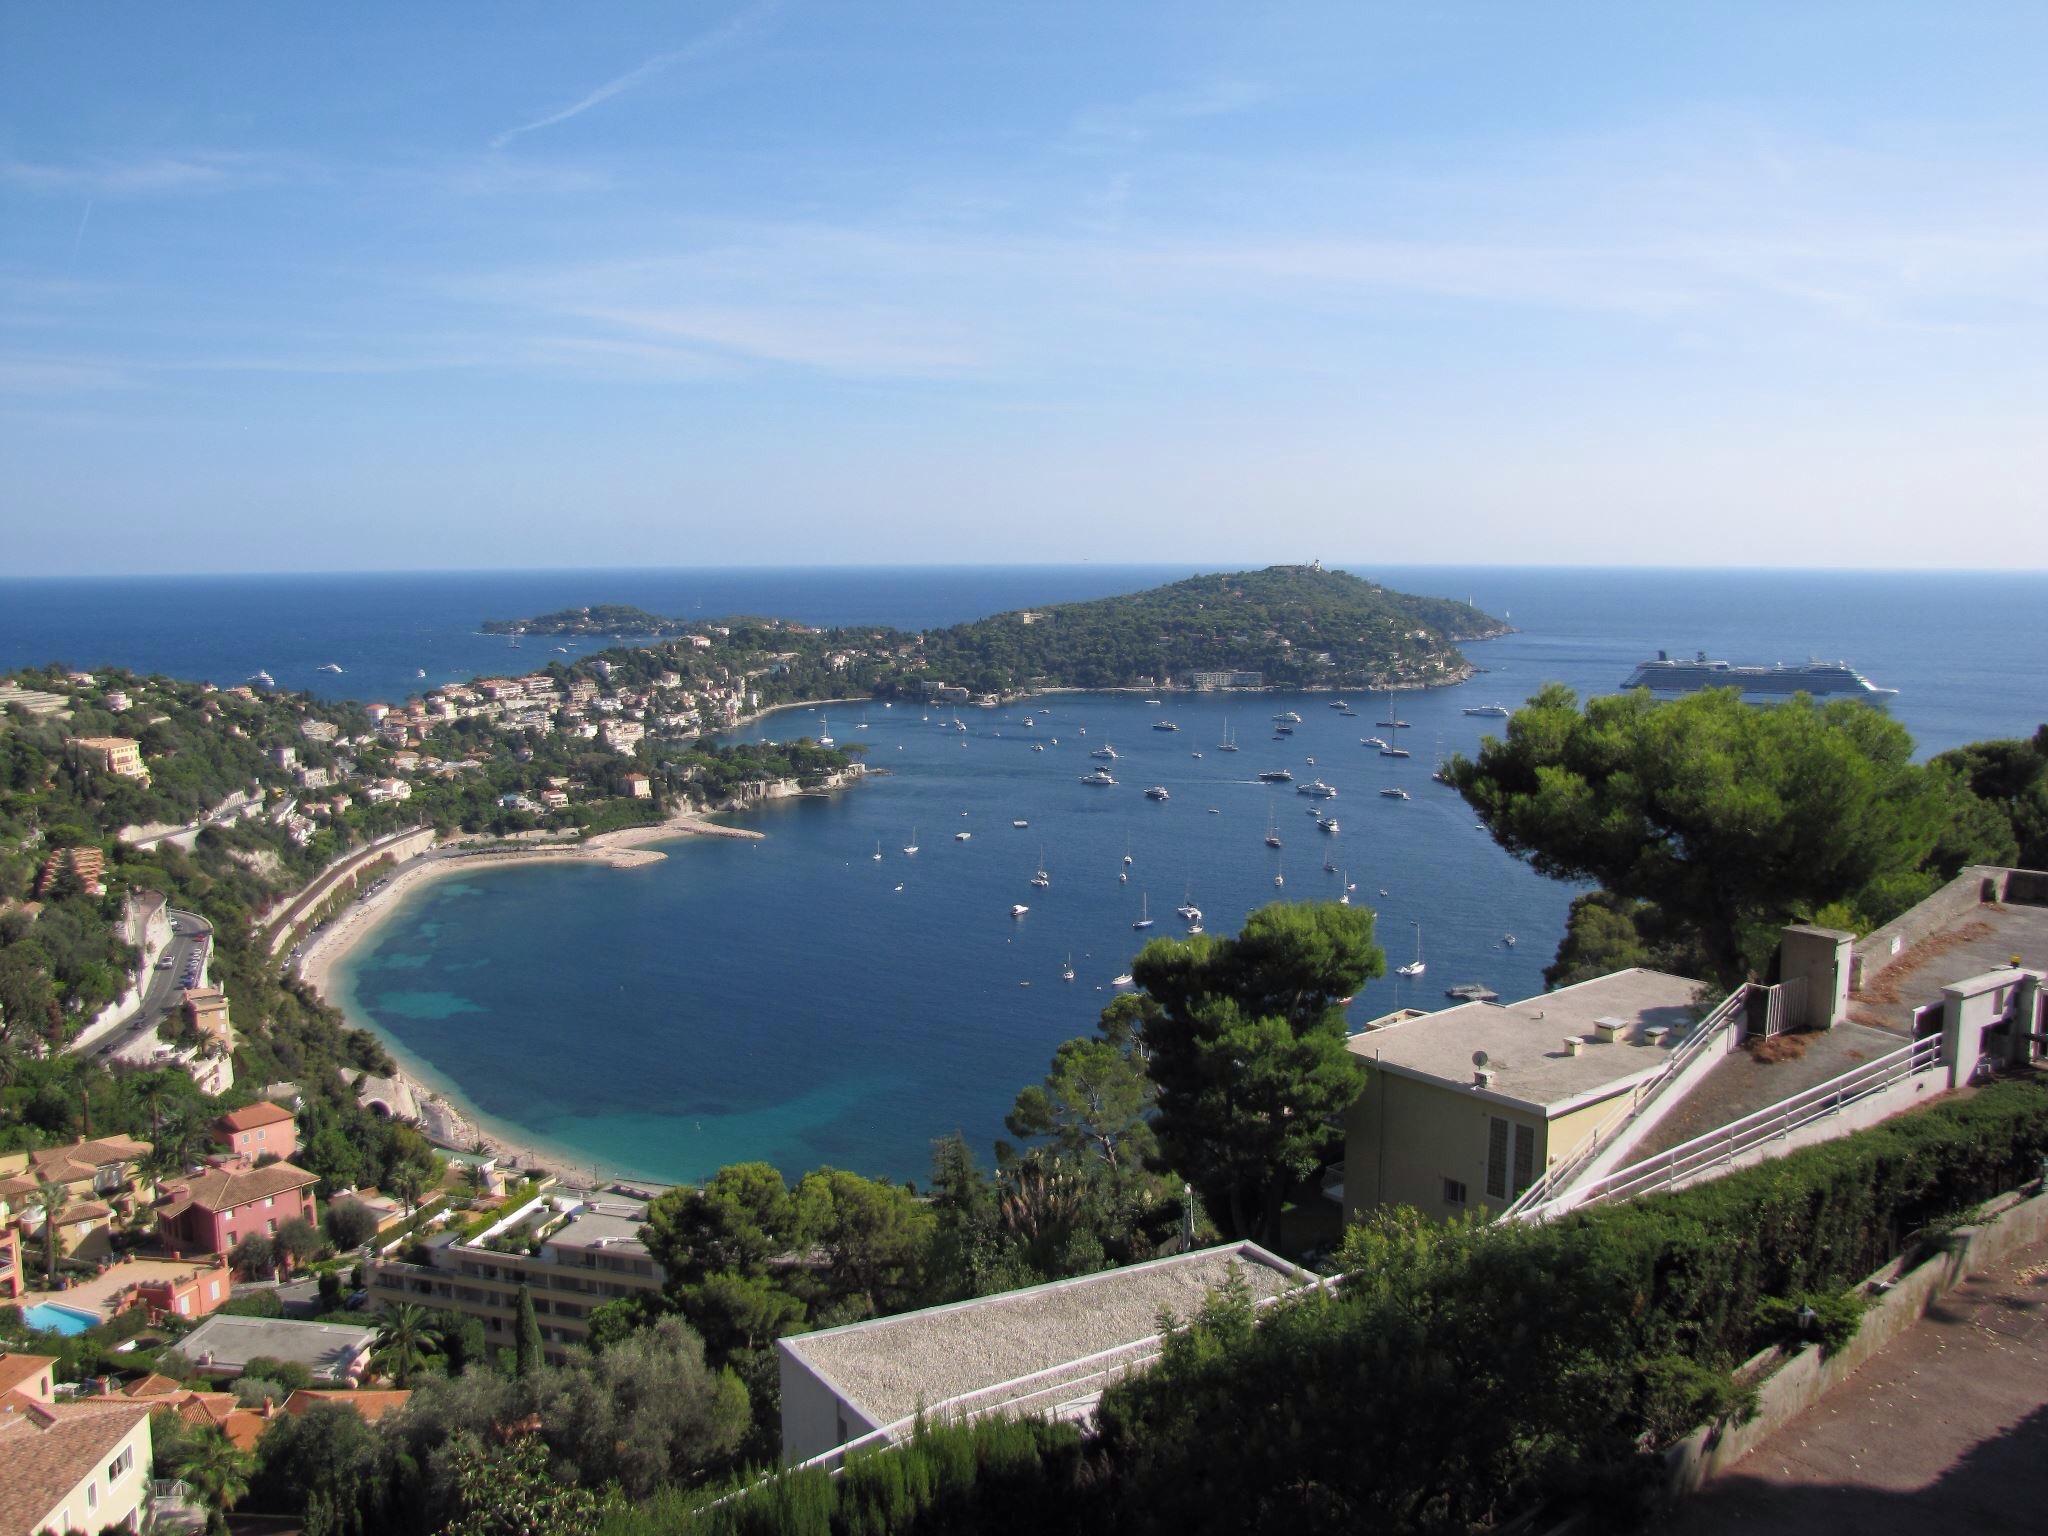 villa america book review villefranche-sur-mer french riviera